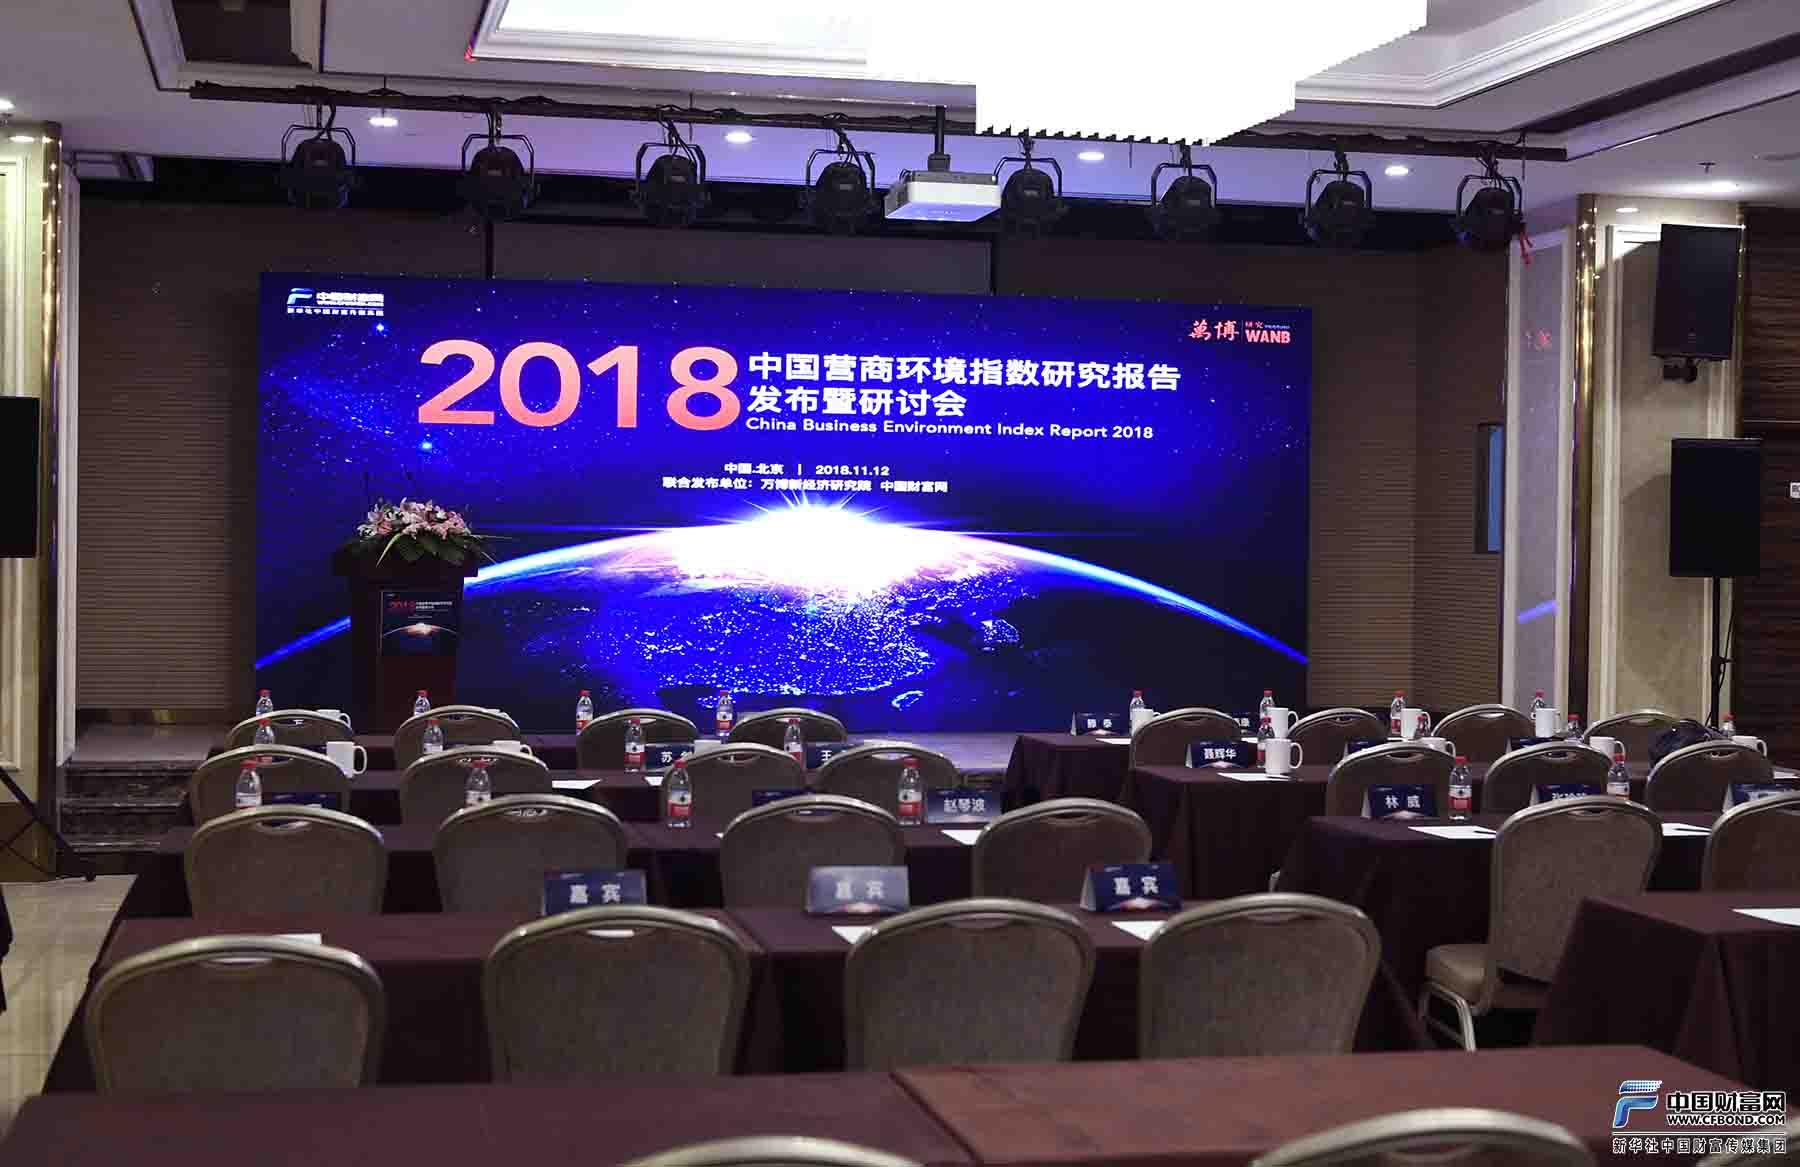 2018全国营商环境榜单发布 业界大咖建言优化良策